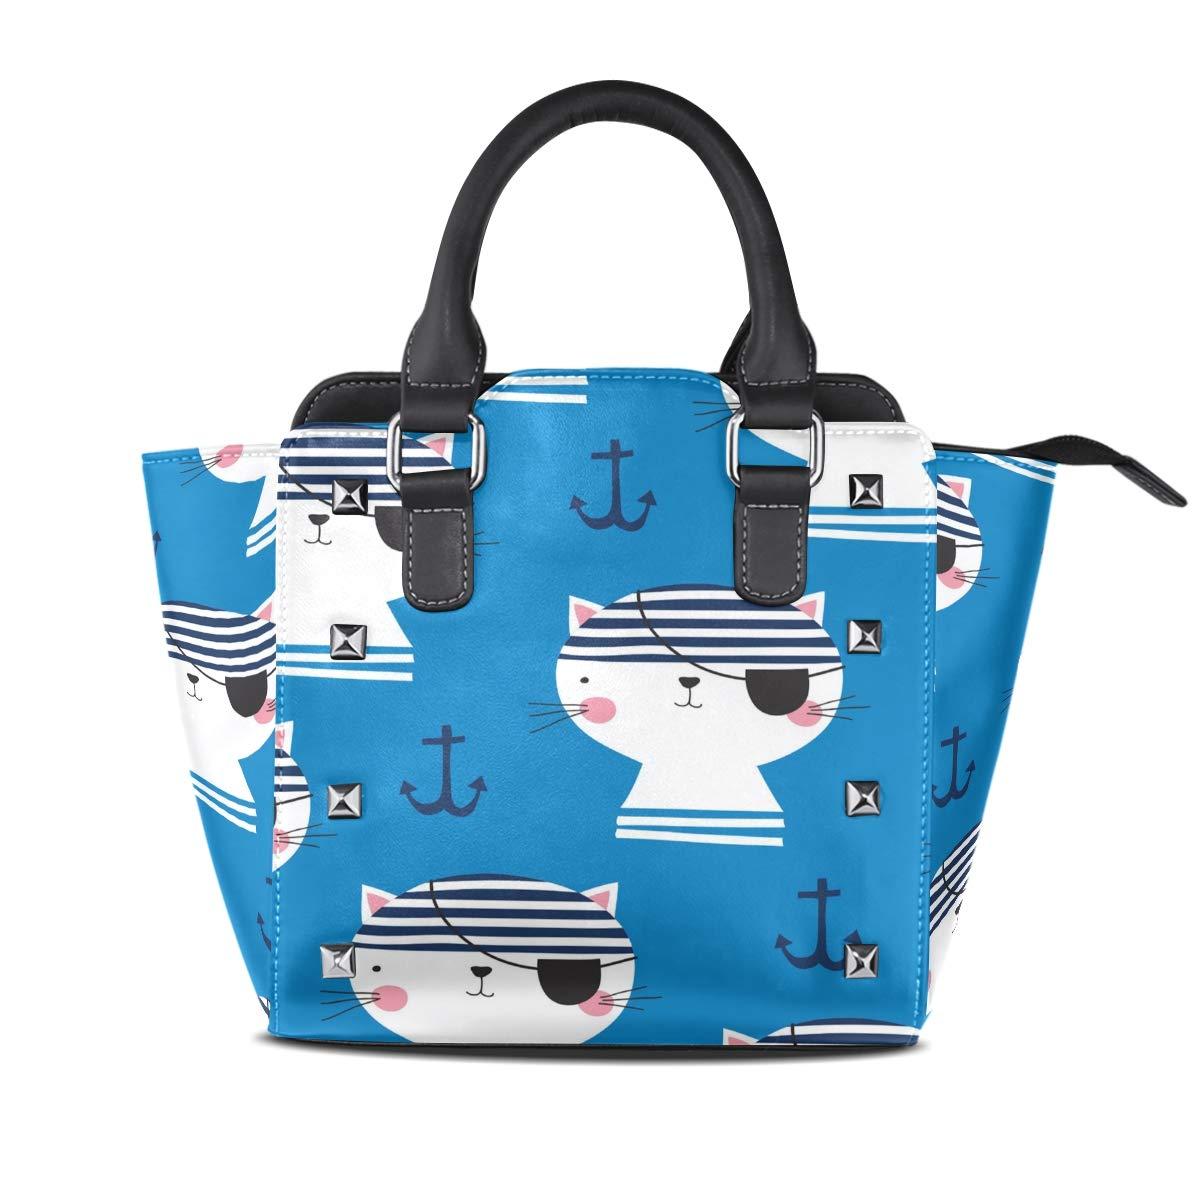 Design3 Handbag Cute Orangutan Genuine Leather Tote Rivet Bag Shoulder Strap Top Handle Women